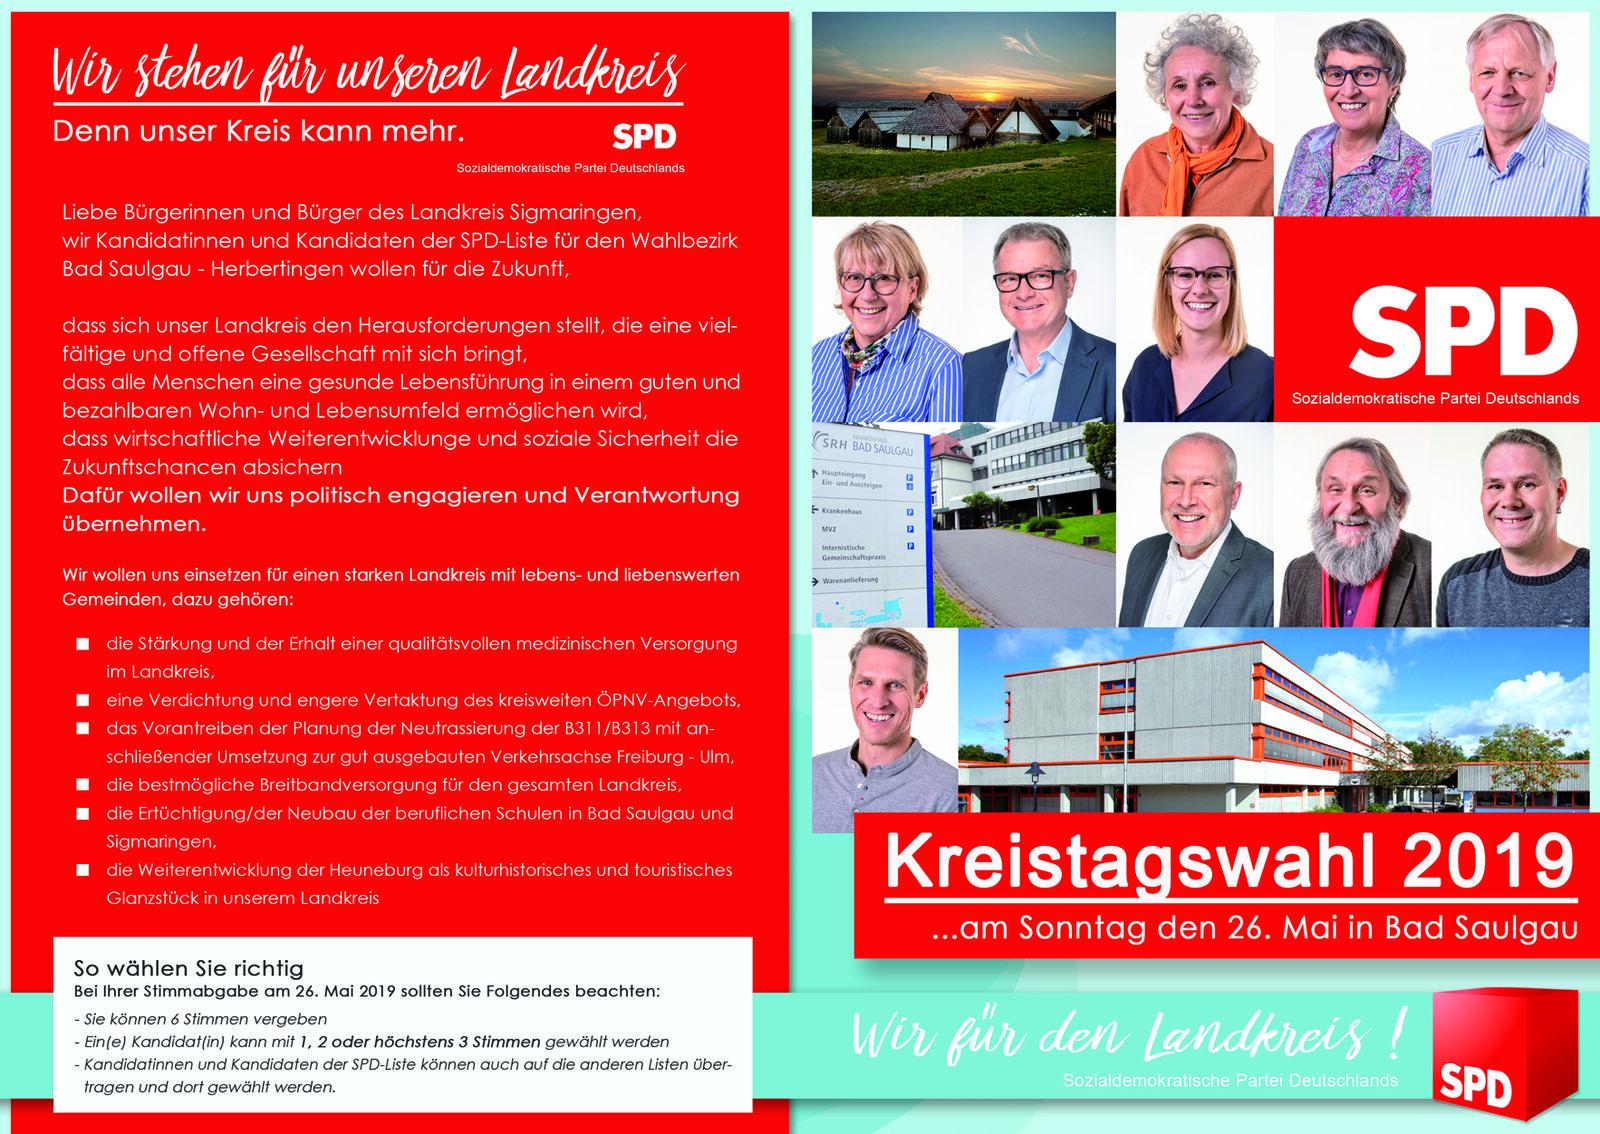 Kreistagsprospekt 2019